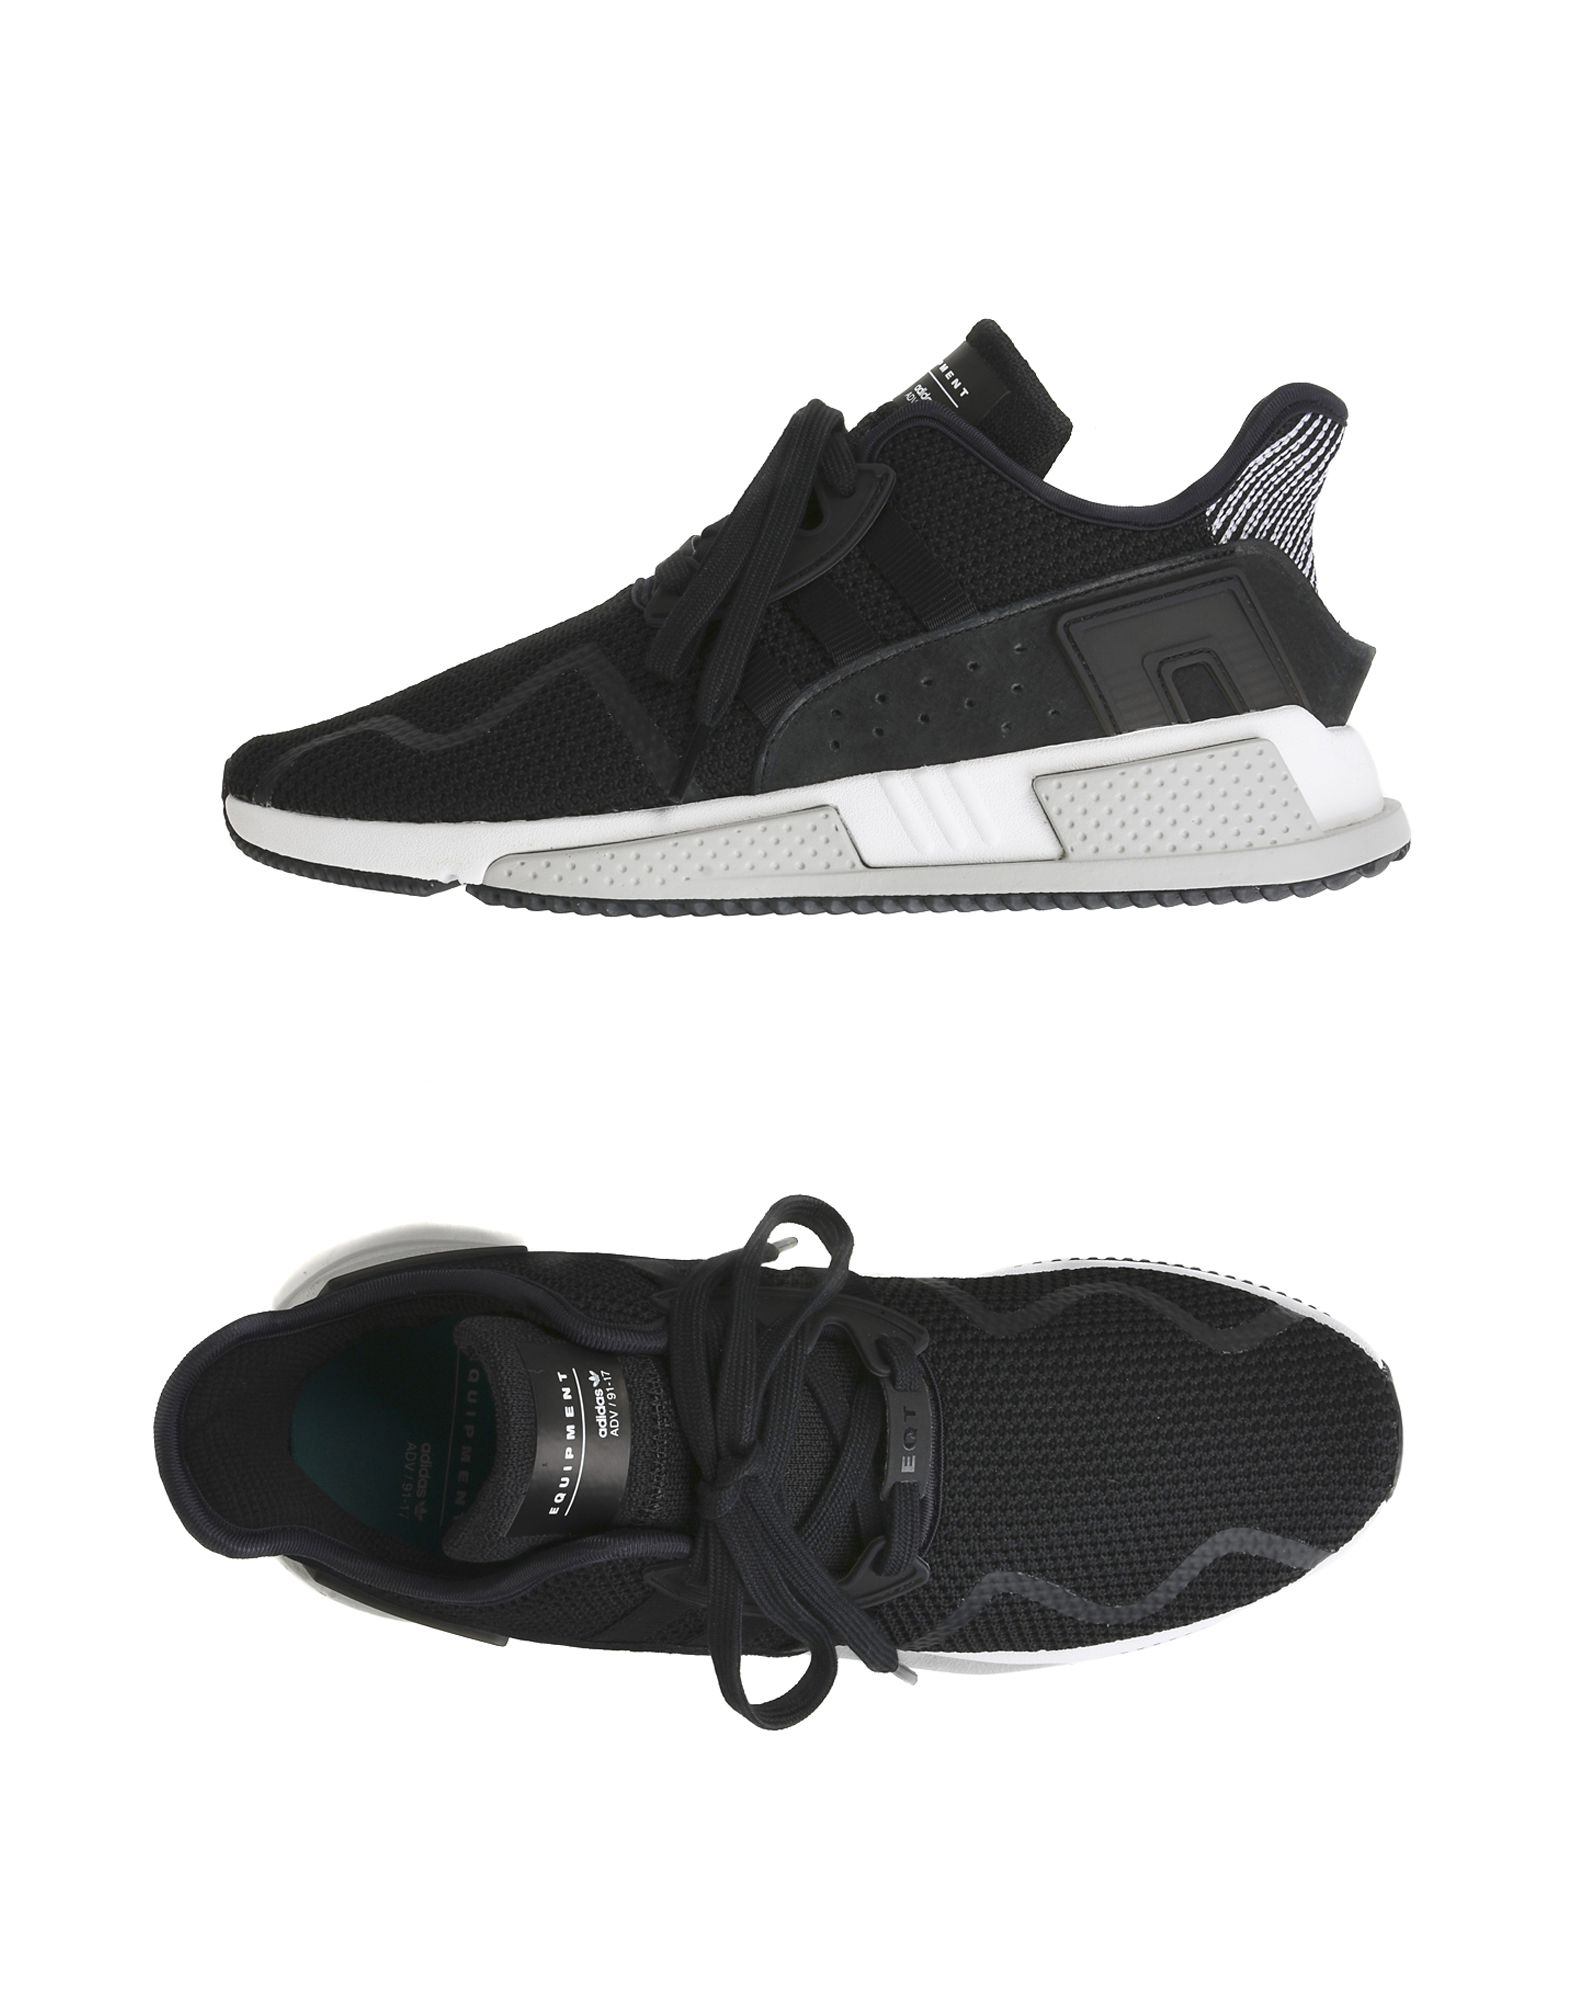 Sneakers Adidas Originals Eqt Cushion Adv - Uomo - 11344004PR